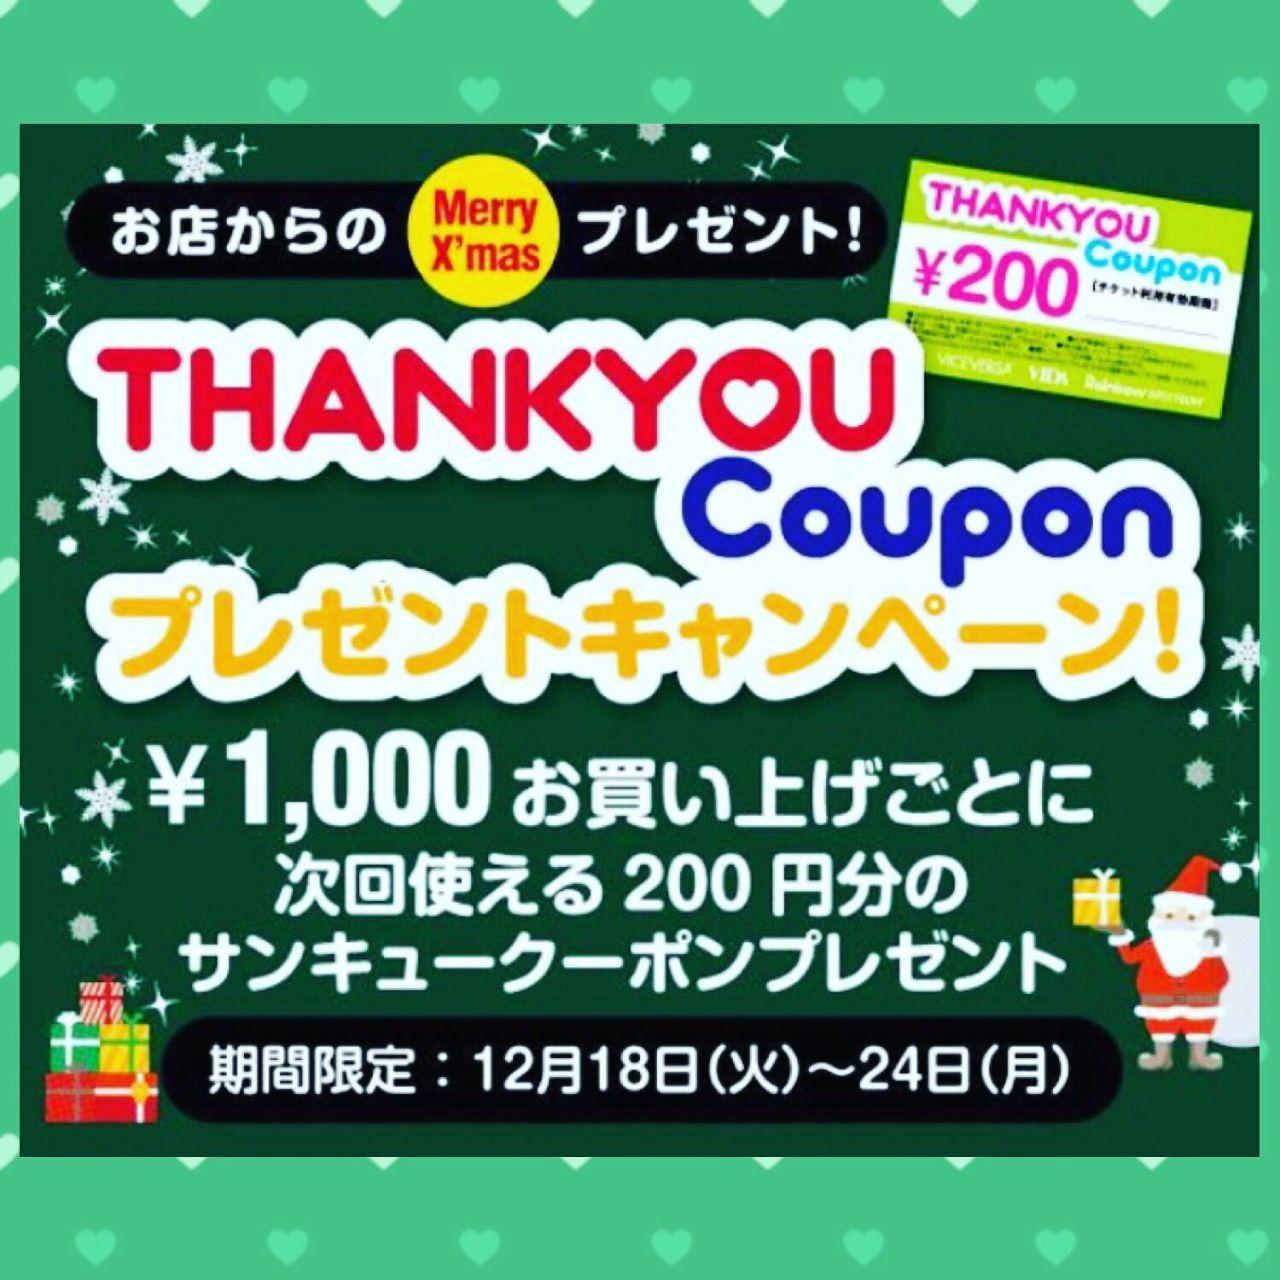 「Thank youクーポン♪」の写真